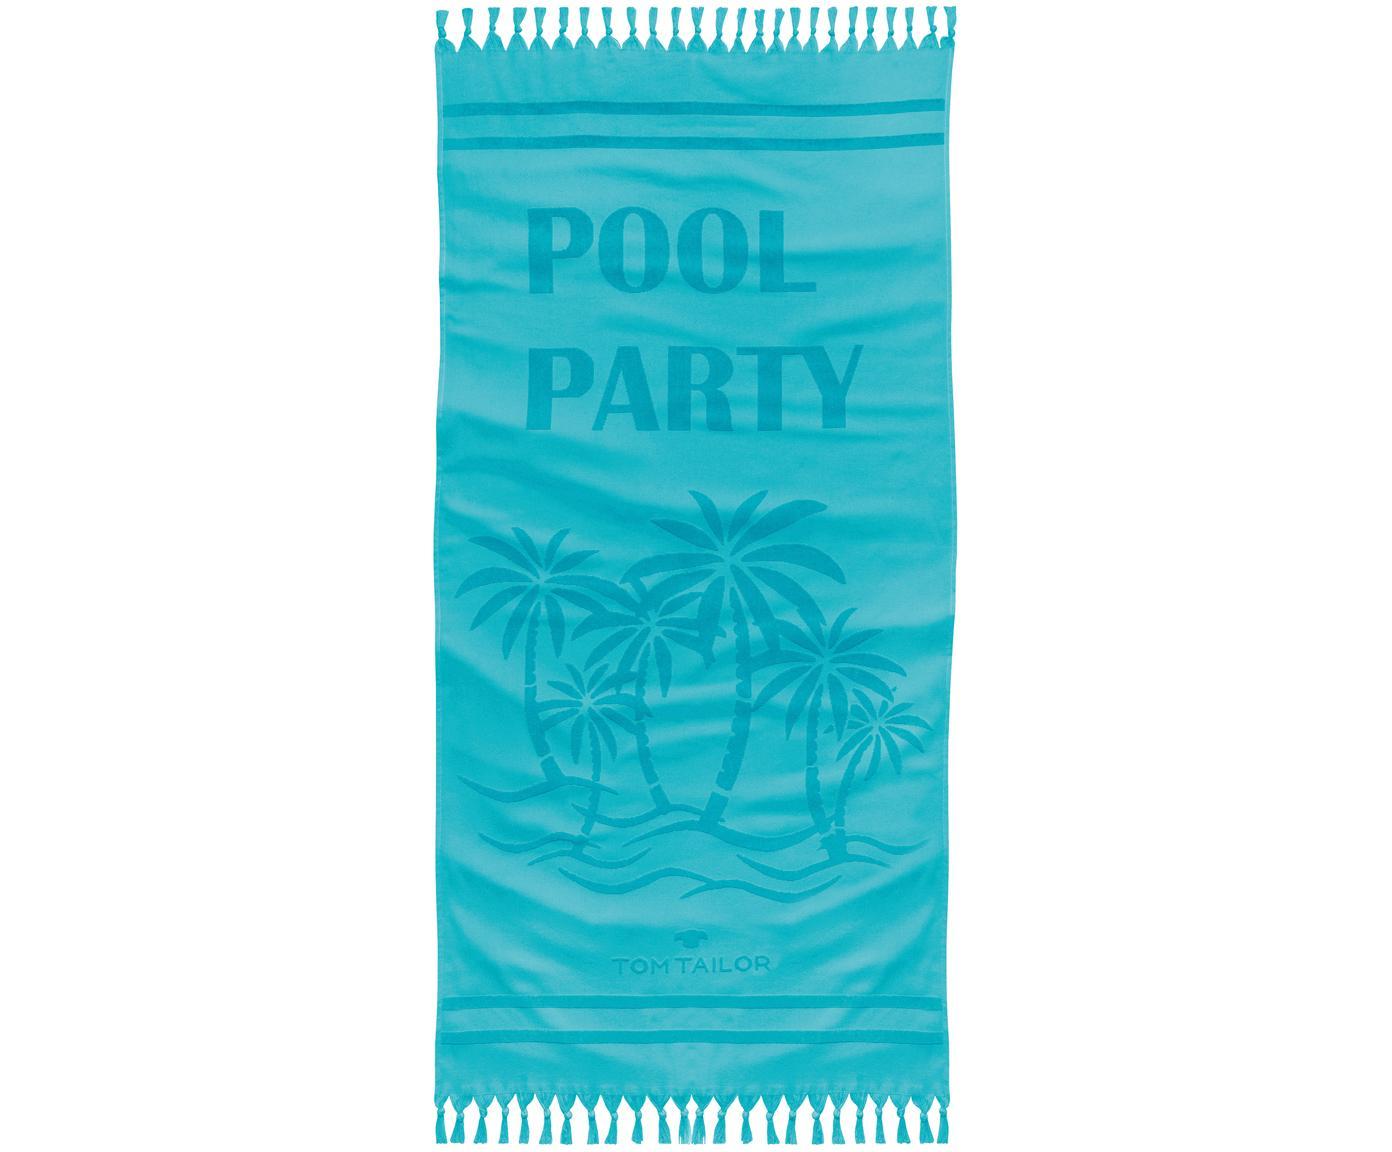 Hamamtuch Pool Party mit Schriftzug & Frottee-Rückseite, Vorderseite: 100% Baumwolle, Rückseite: Frottee, Türkisblau, 90 x 180 cm